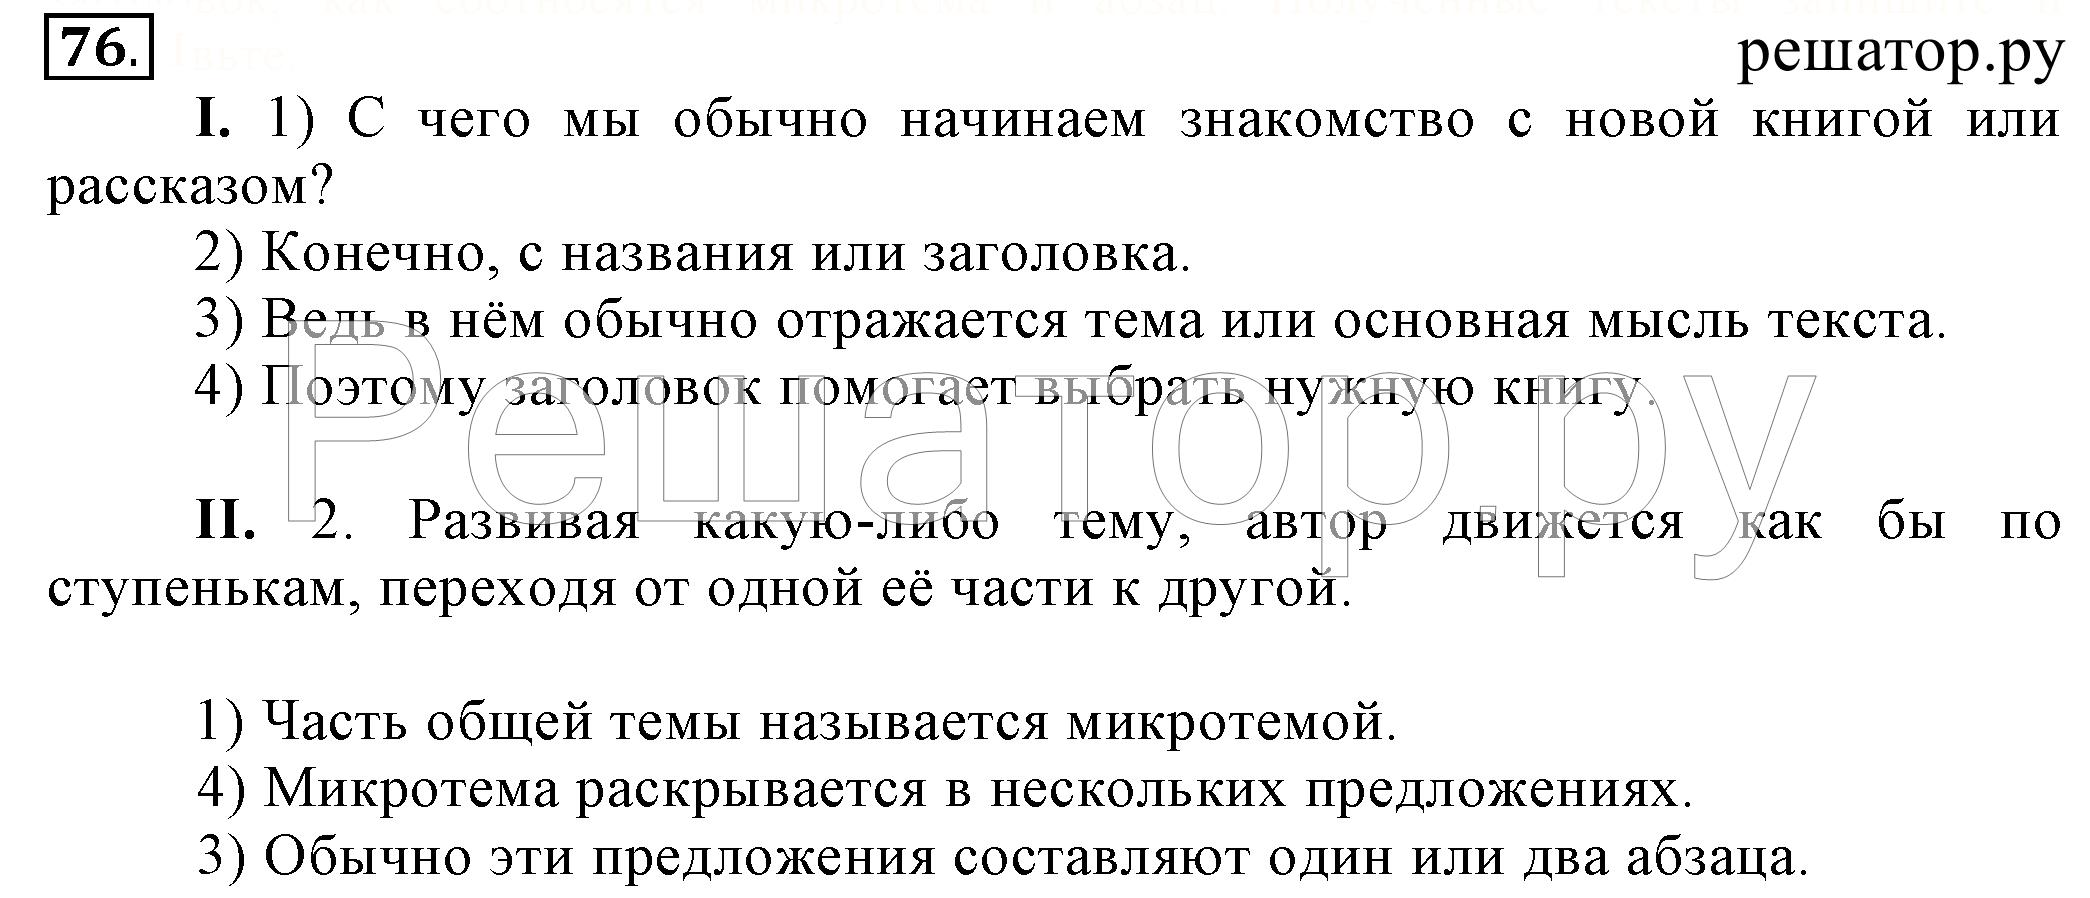 Гдз по русскому языку льво львова 6 класс 2018 год